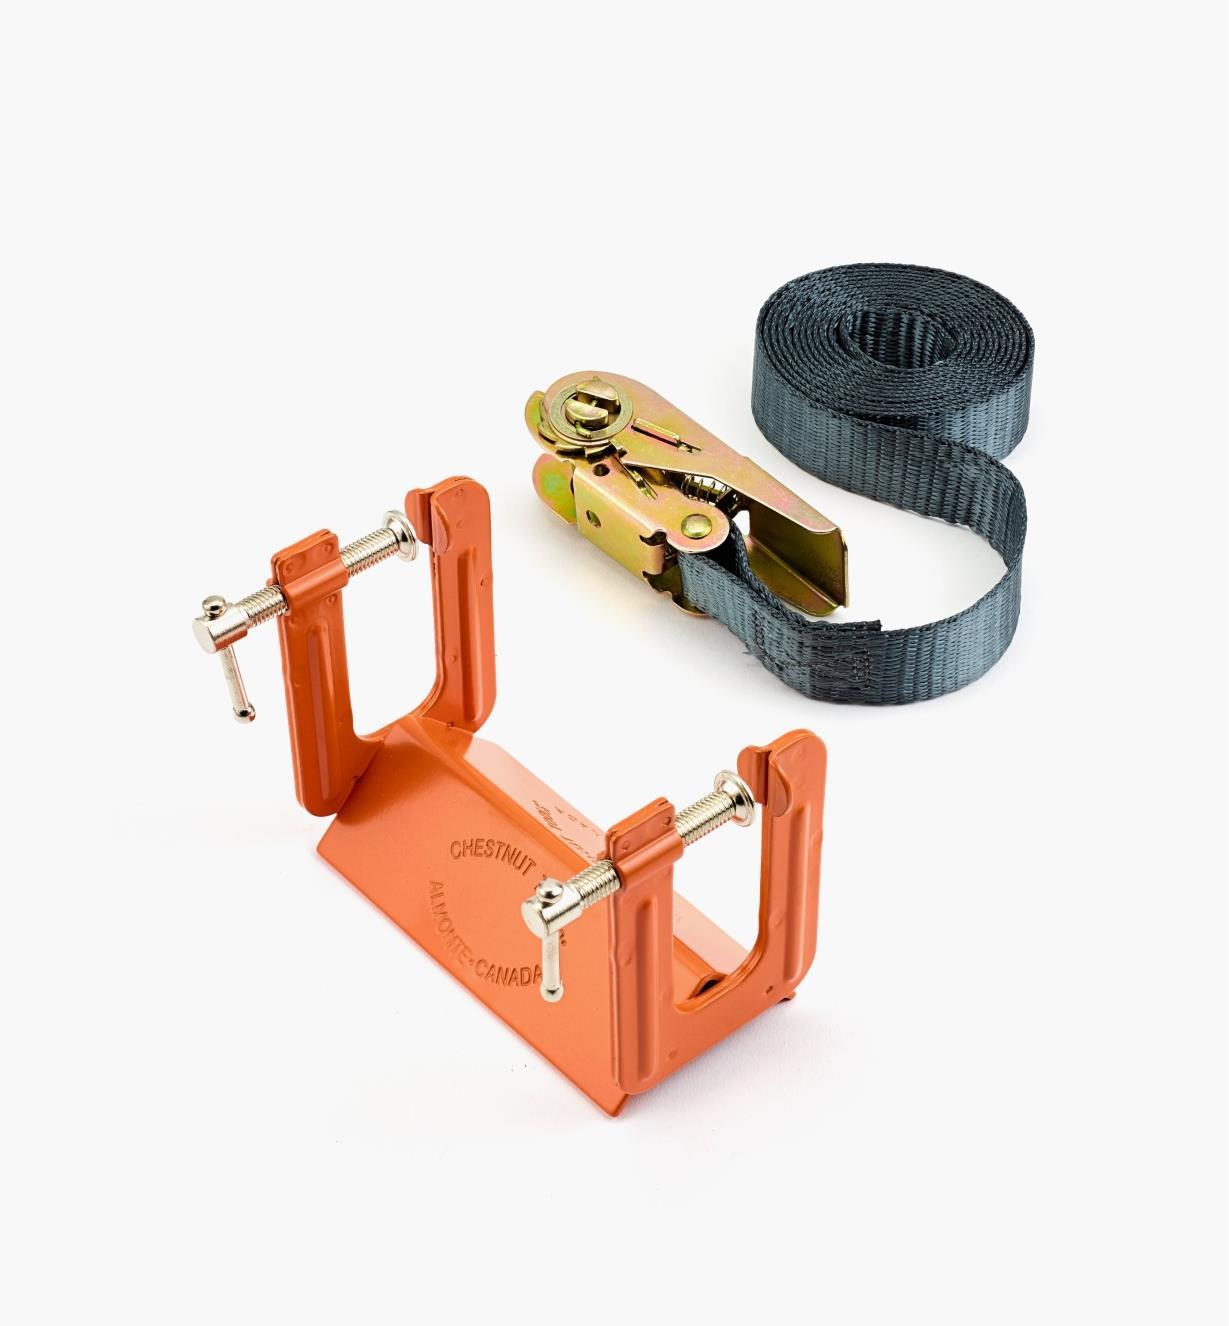 09A0520 - Étau d'affûtage pour scie à chaîne